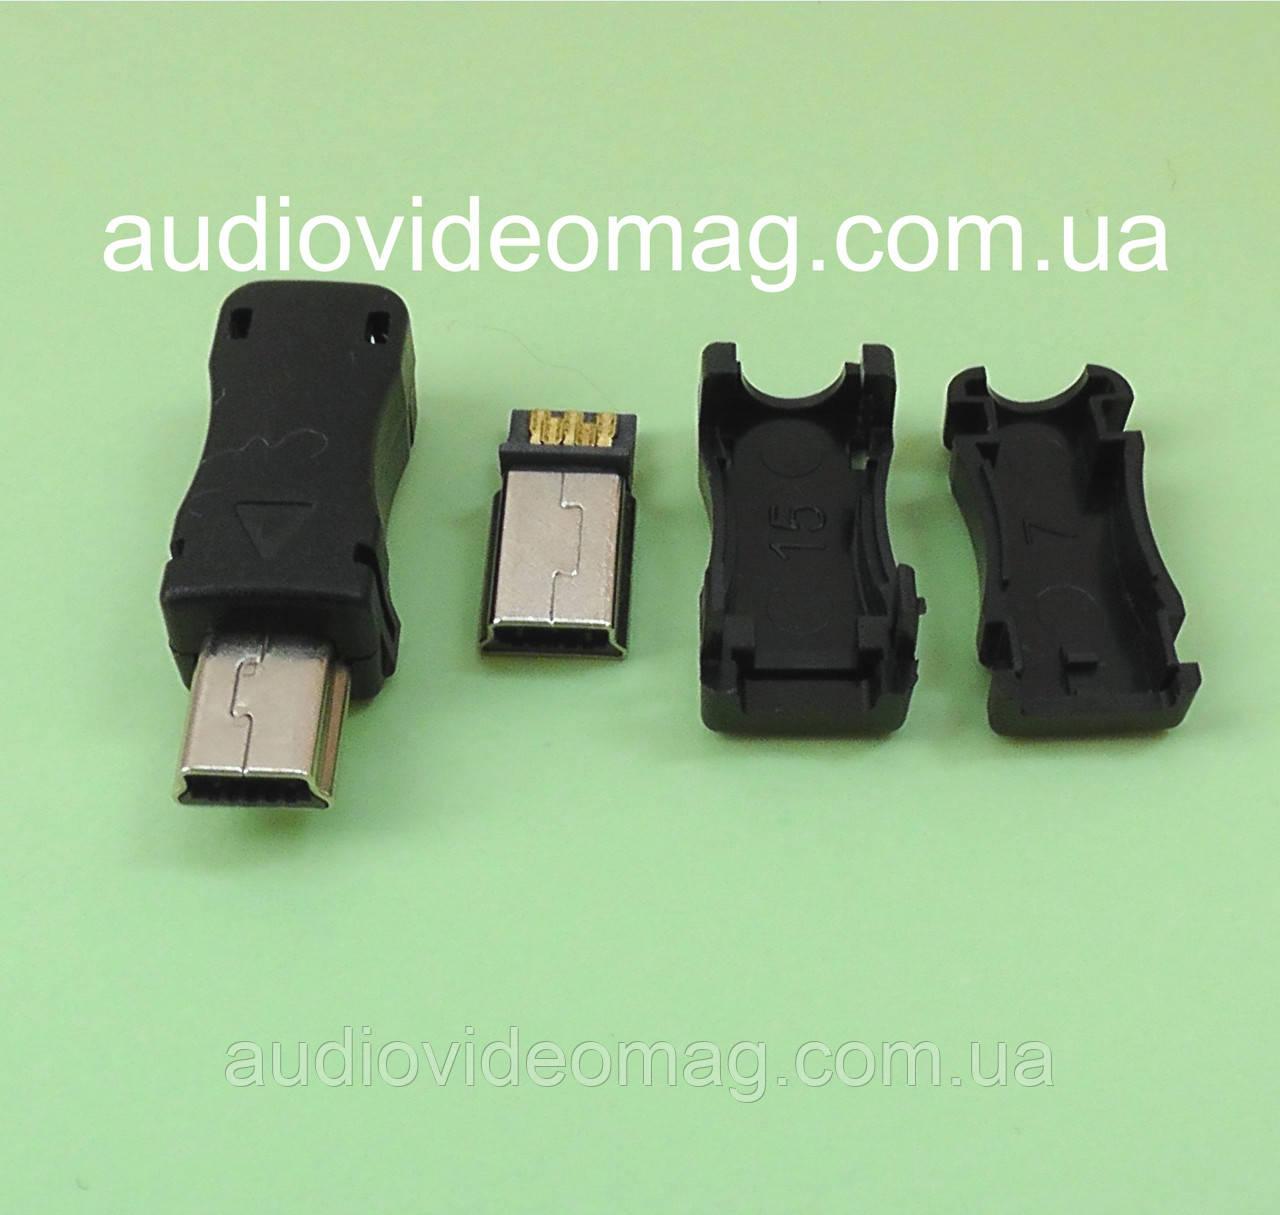 Штекер mini USB разборной на кабель для пайки